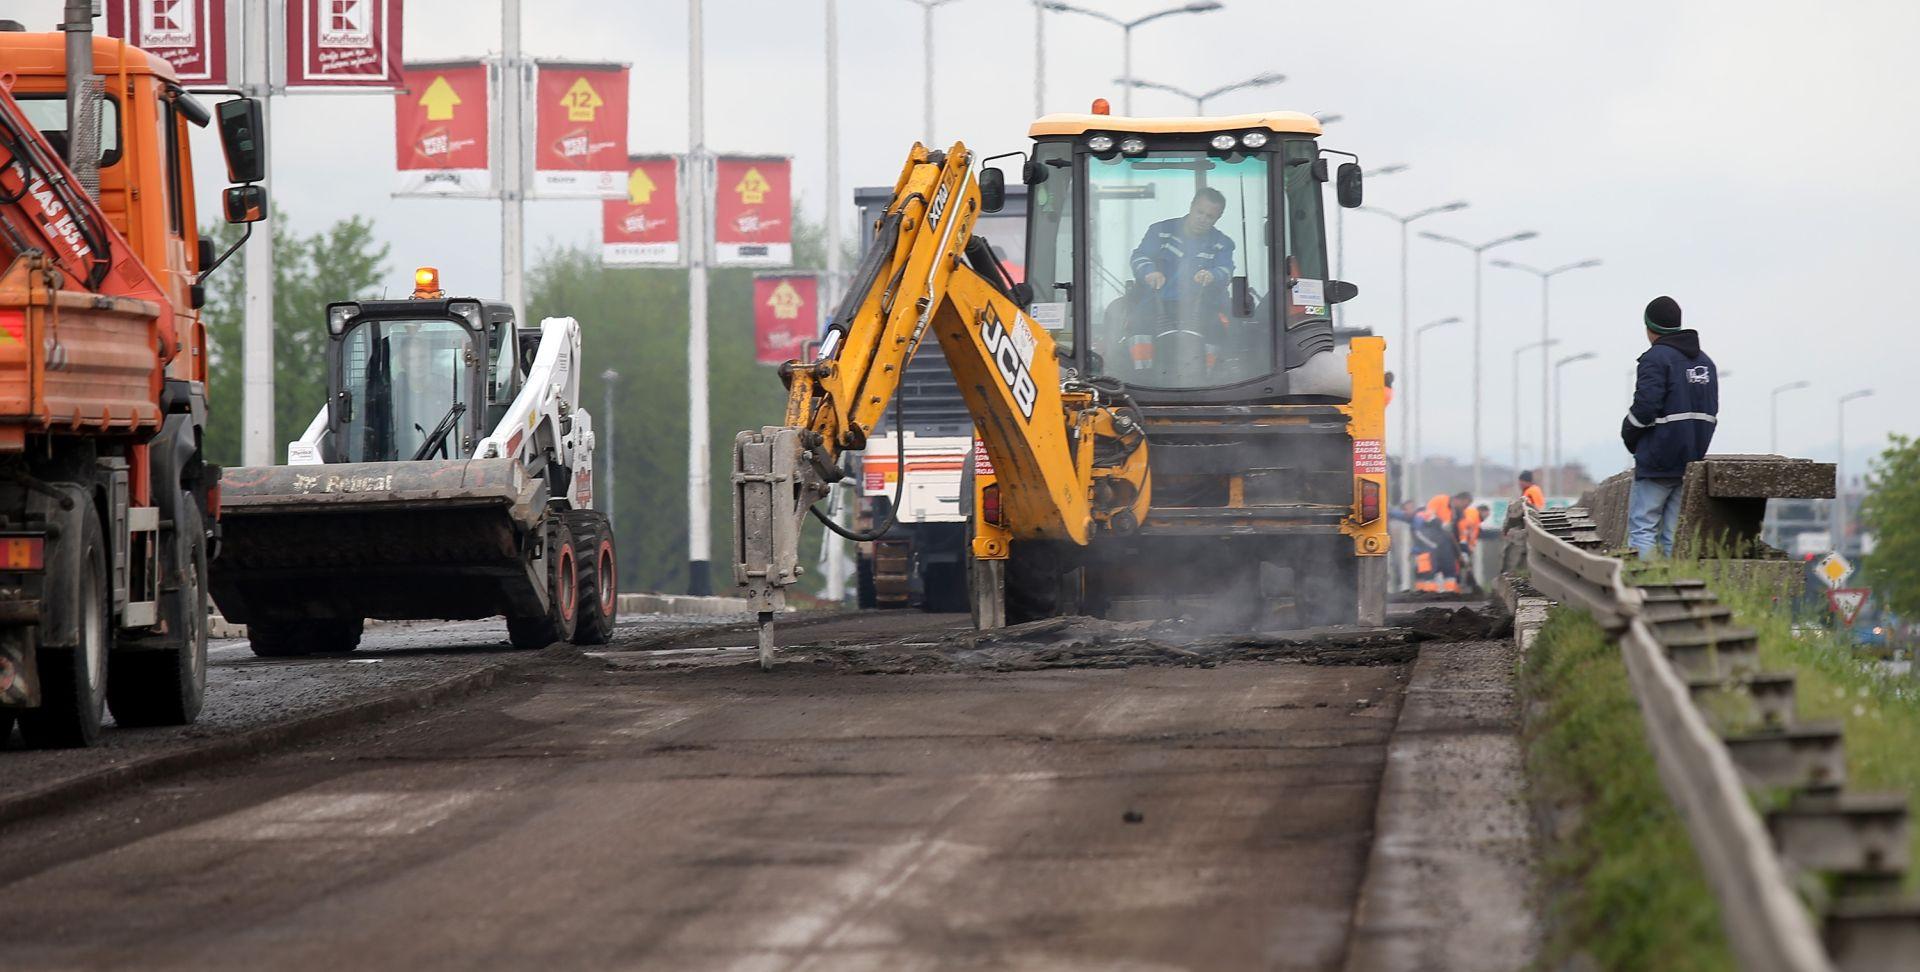 HAK Usporeno na A4 zbog prometne nesreće, zbog radova zatvorena A7